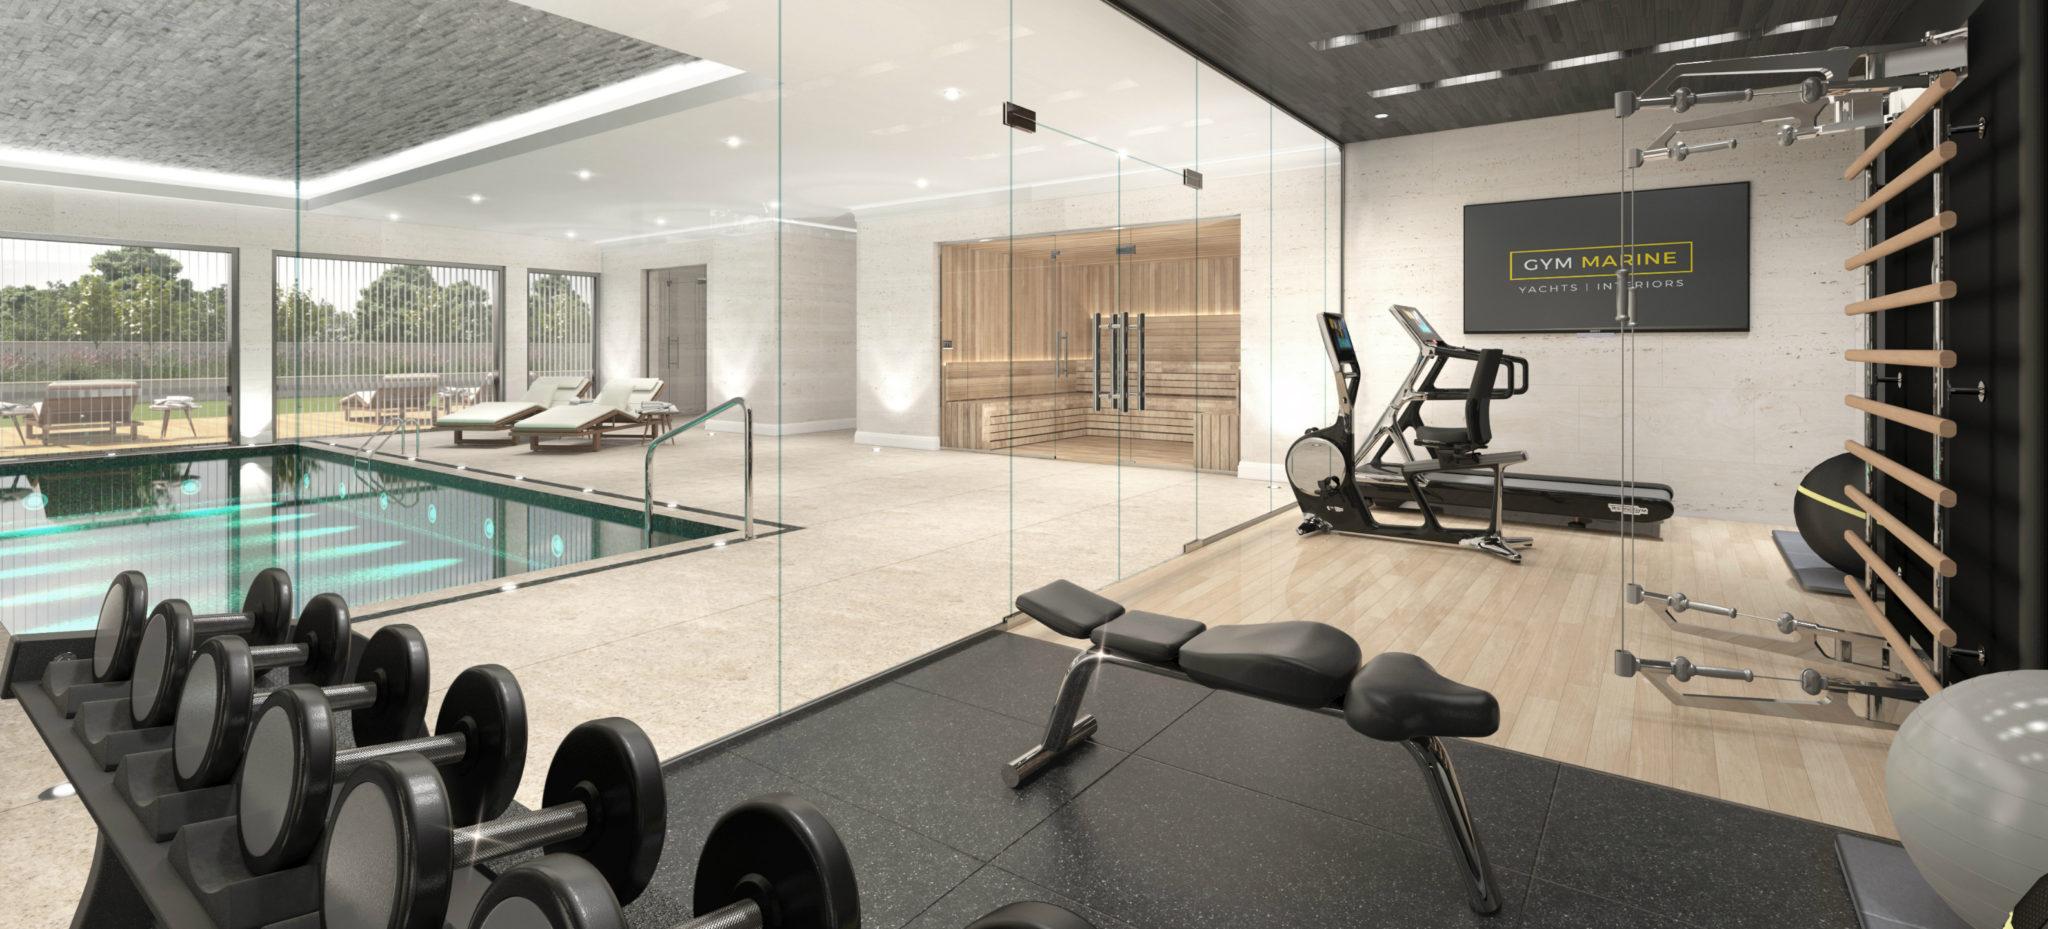 Superyacht Gym  Home Gym Design  Buy Gym Equipment  Gym